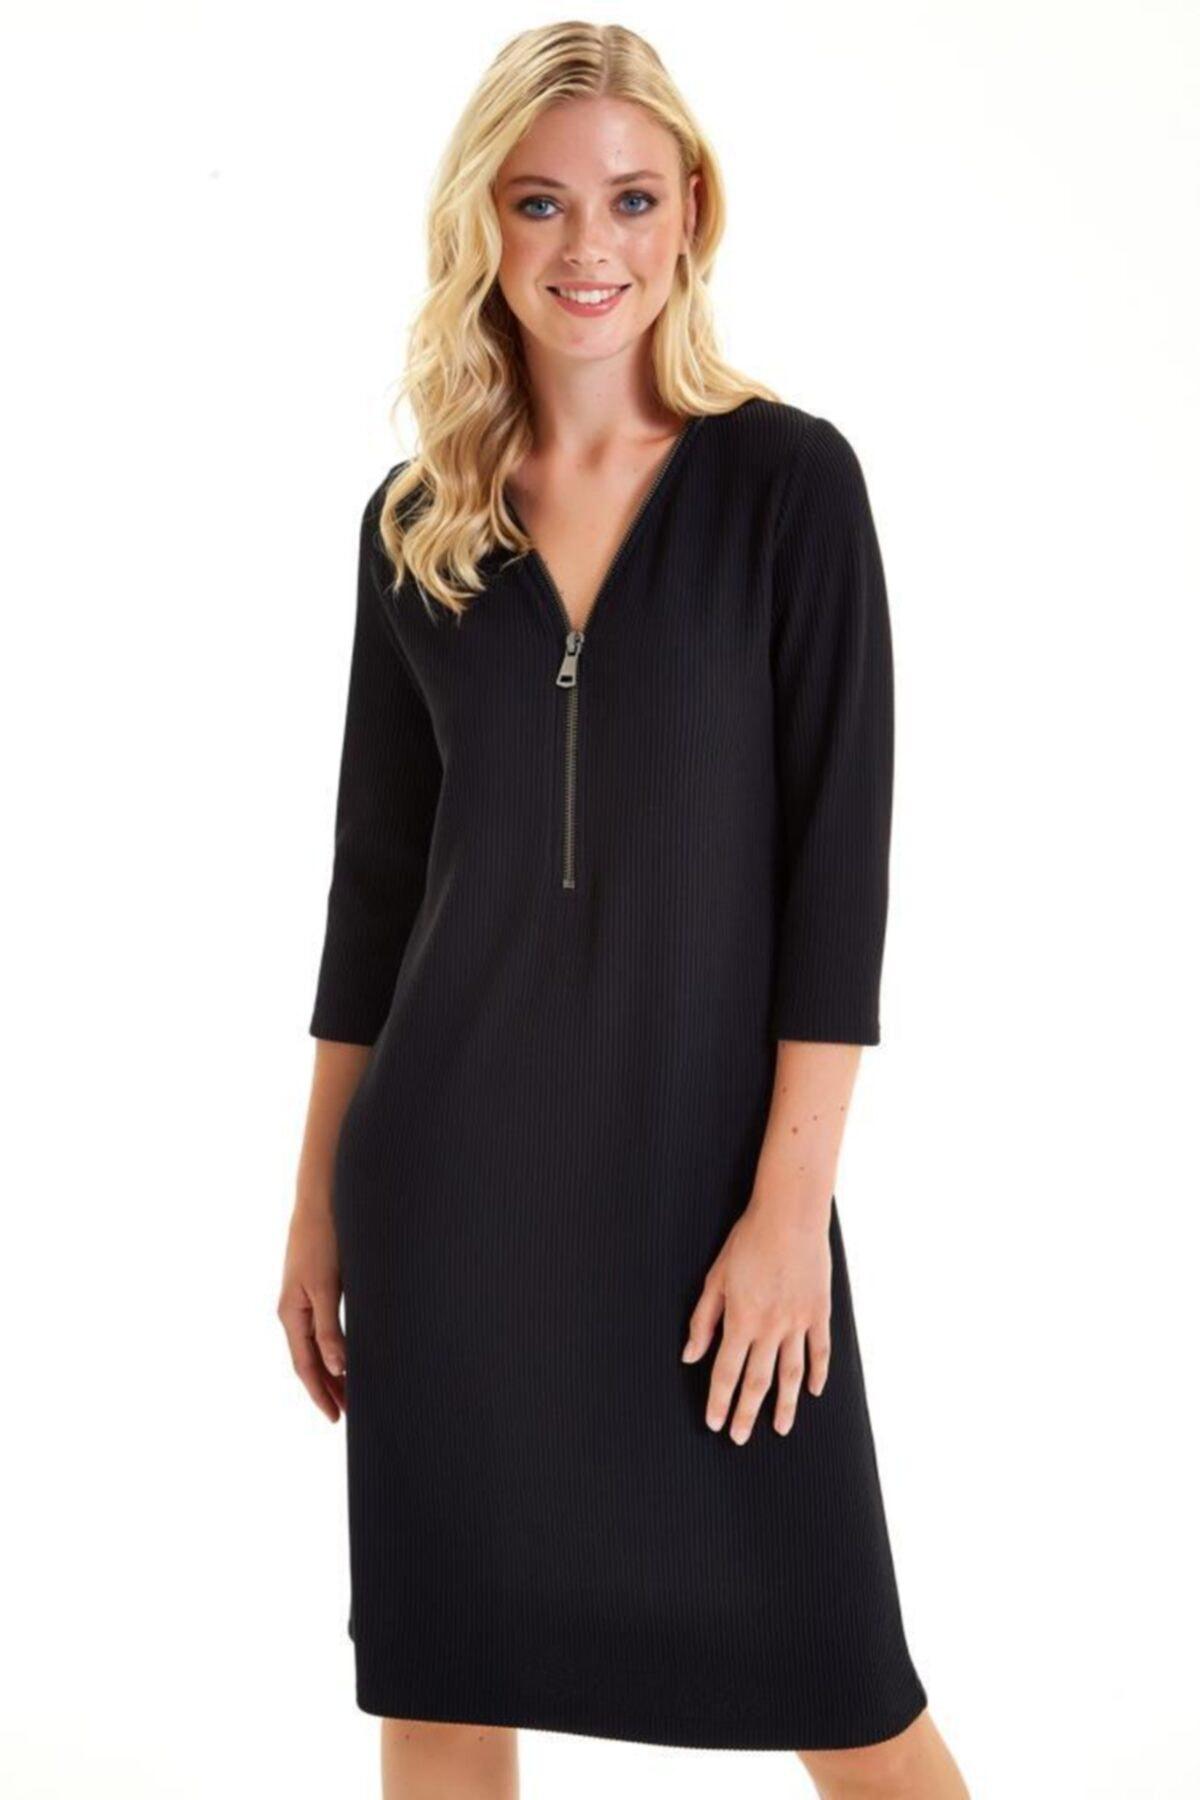 İKİLER Yakası Fermuarlı Turvakar Kol Elbise 201-2506 1